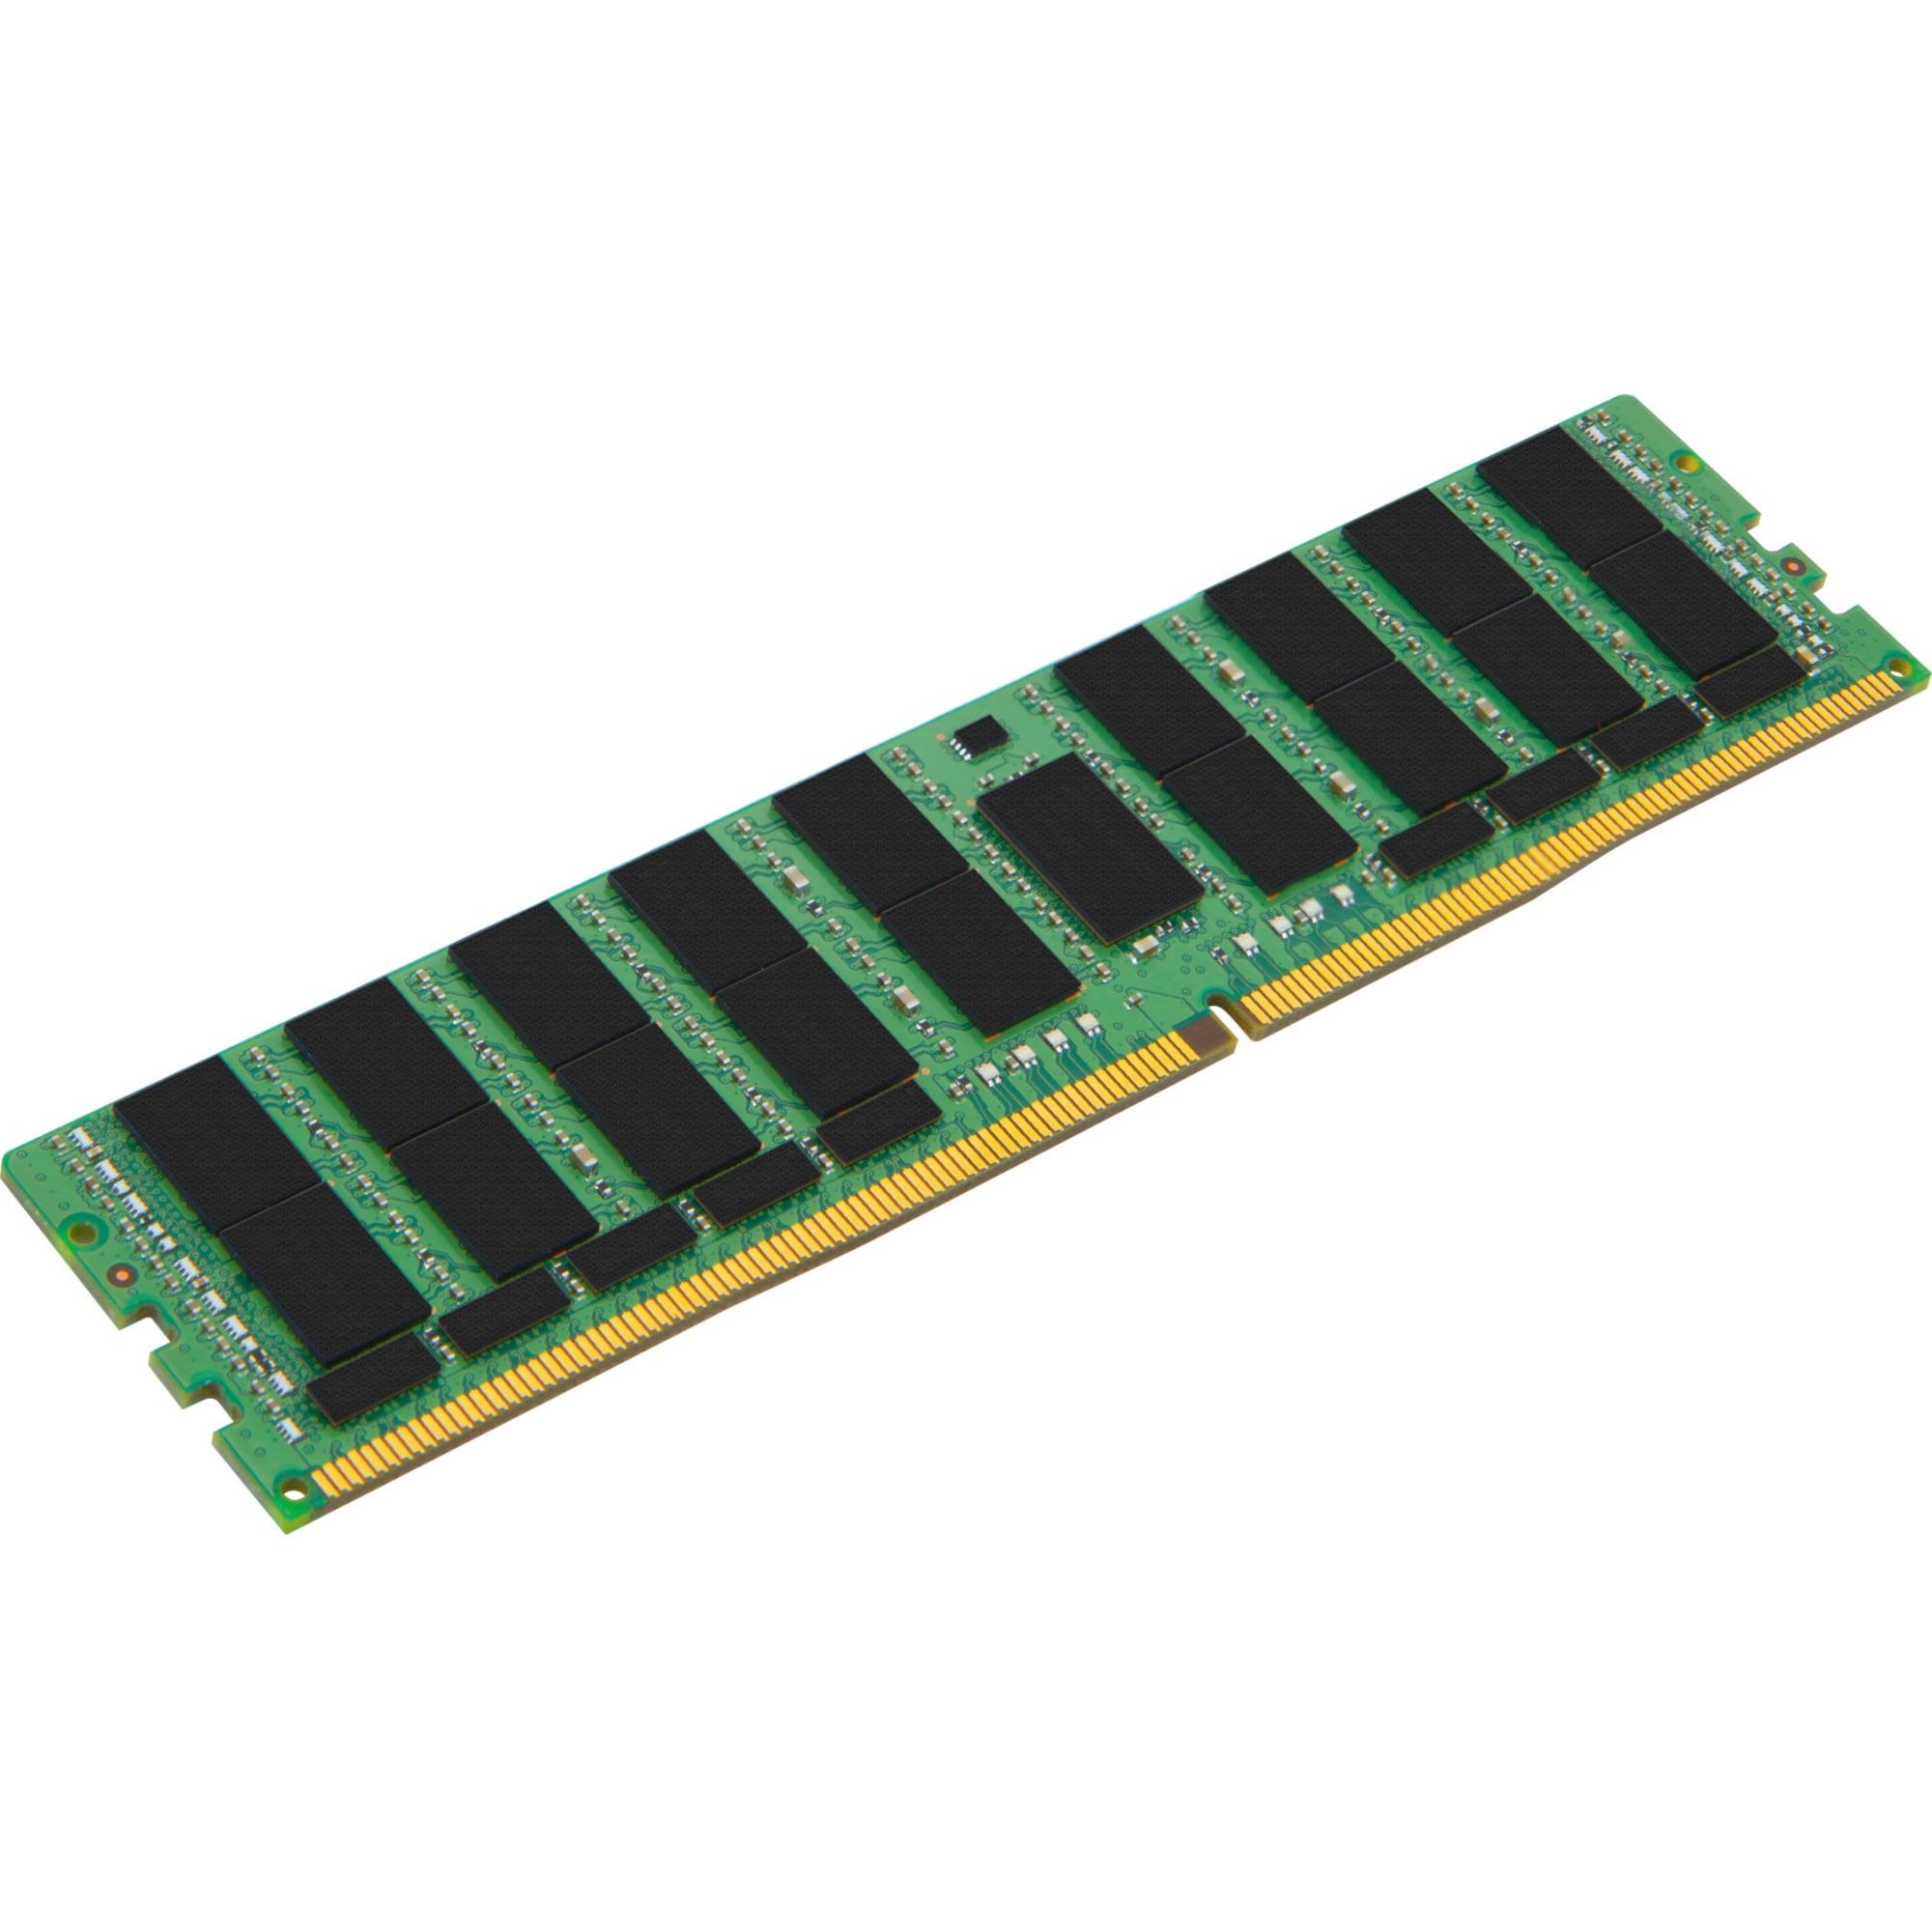 Kingston 32GB Module - DDR4 2400MHz Intel Validated - 32 GB (1 x 32 GB) - DDR4 SDRAM - 2400 MHz DDR4-2400/PC4-19200 -